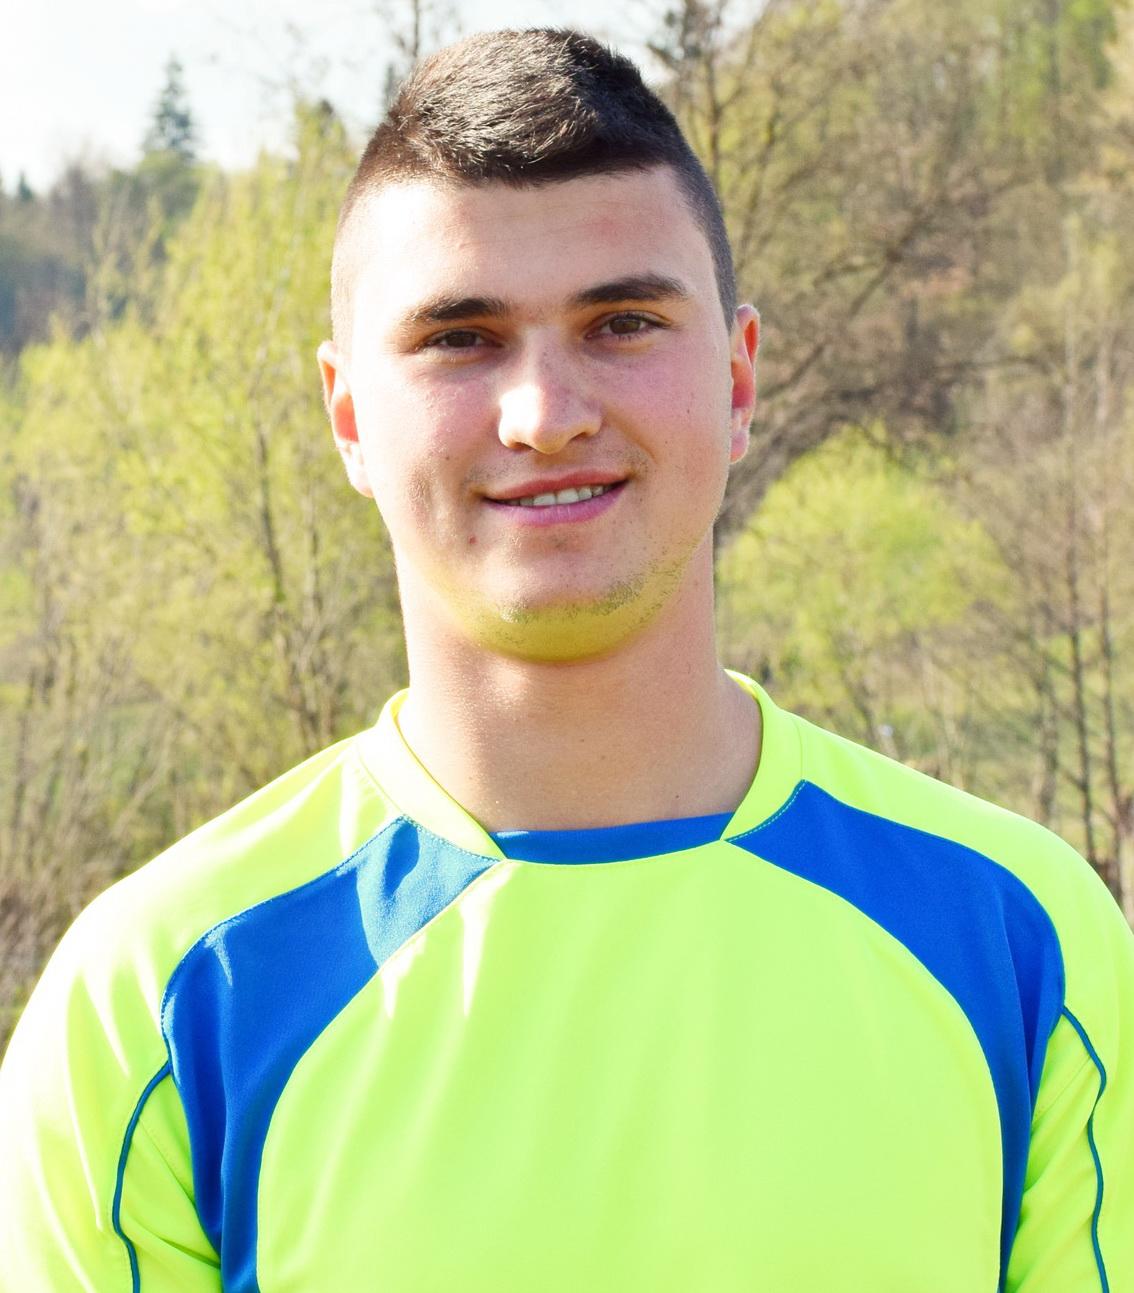 Banescu Dragos Florin